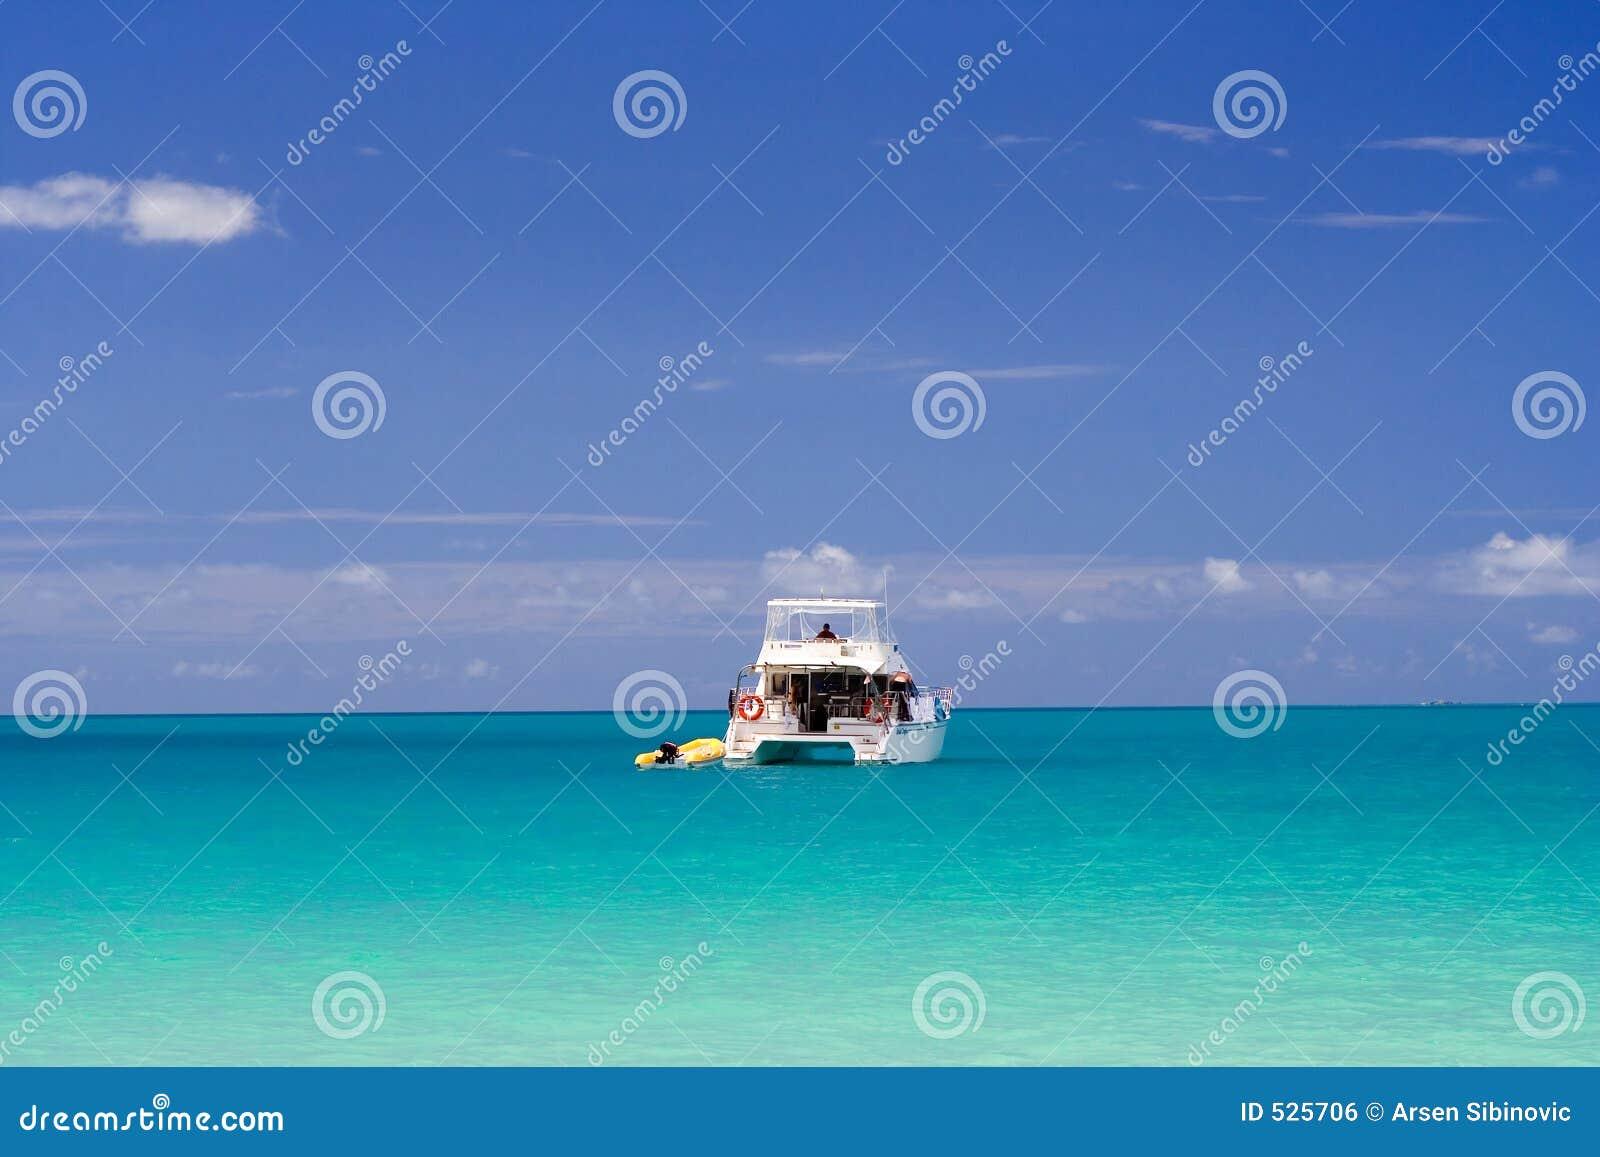 Download 热带的海运 库存照片. 图片 包括有 戽水者, 热带, 海洋, 夏天, 抢救, 海运, 海浪, 红色, 鲨鱼 - 525706